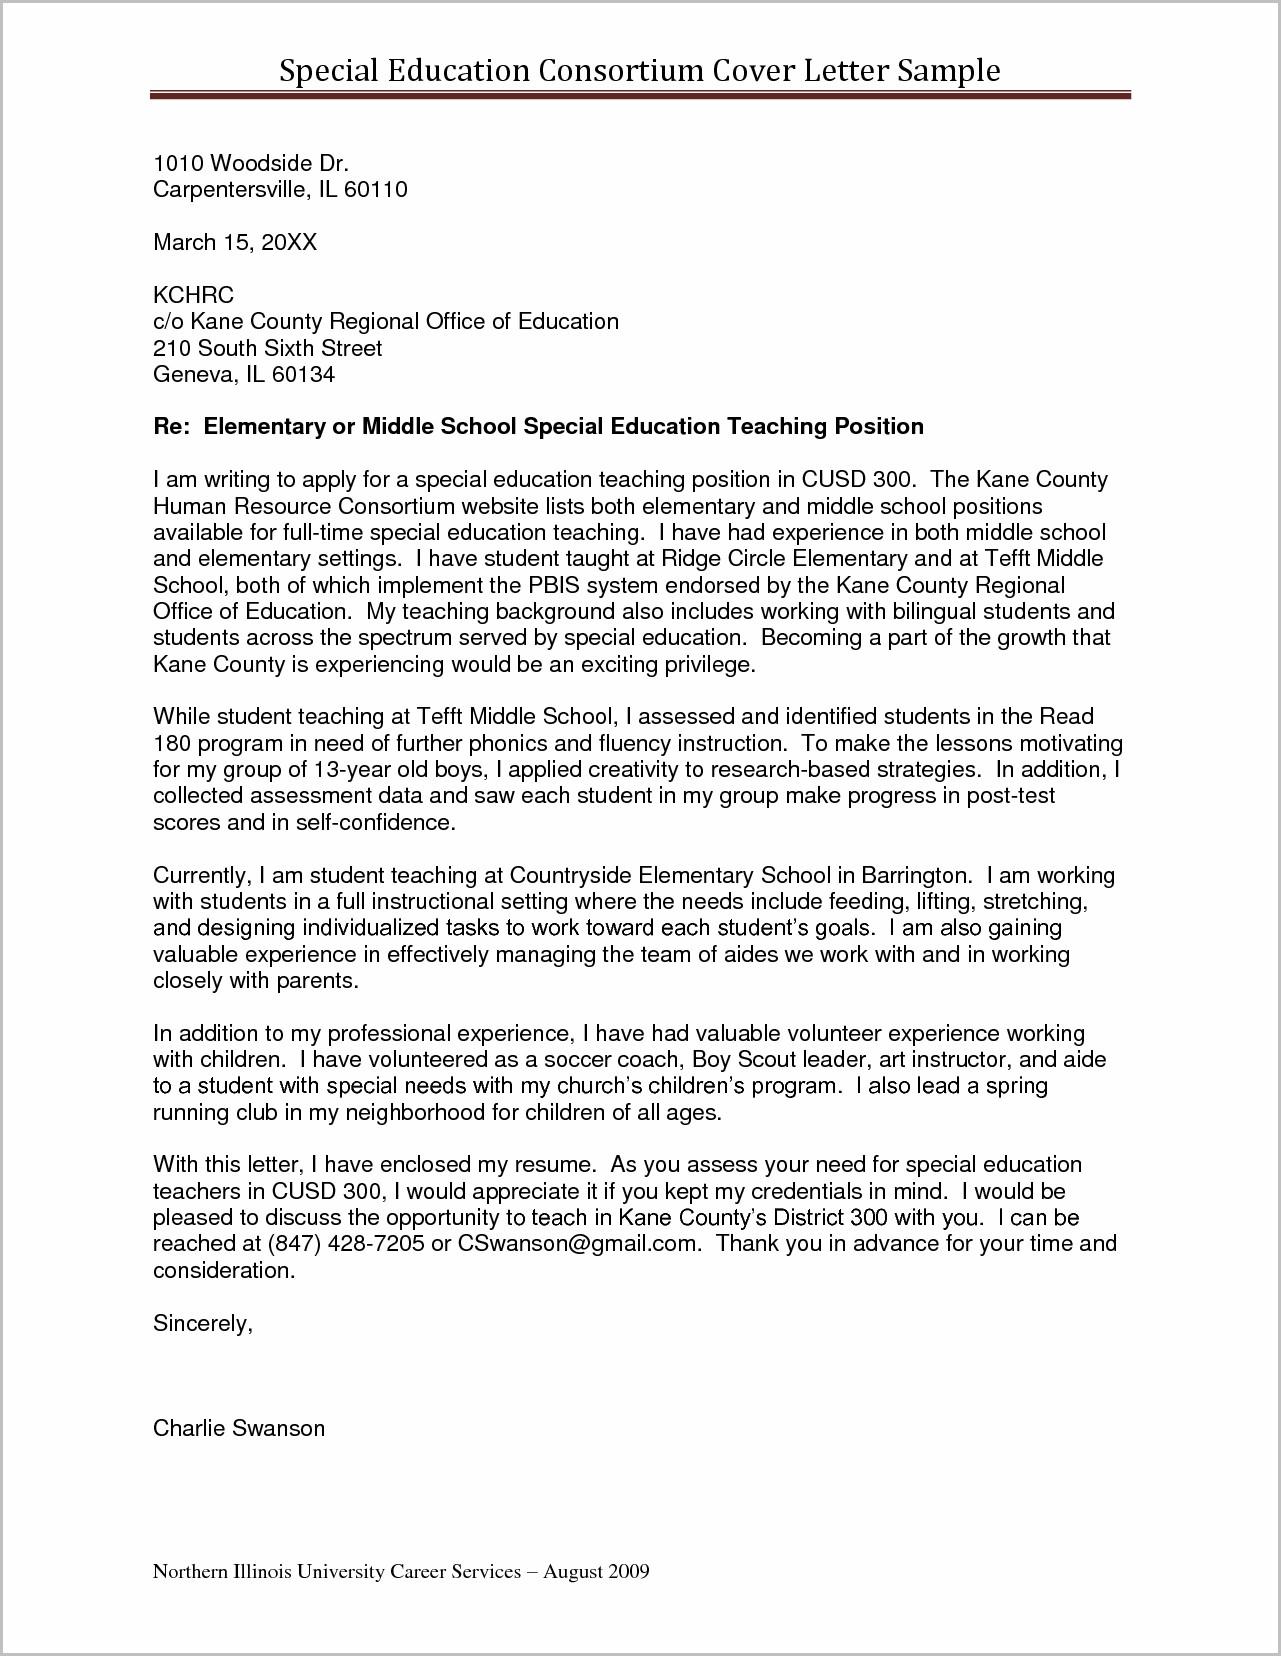 Sample Cover Letter For Resume Higher Education